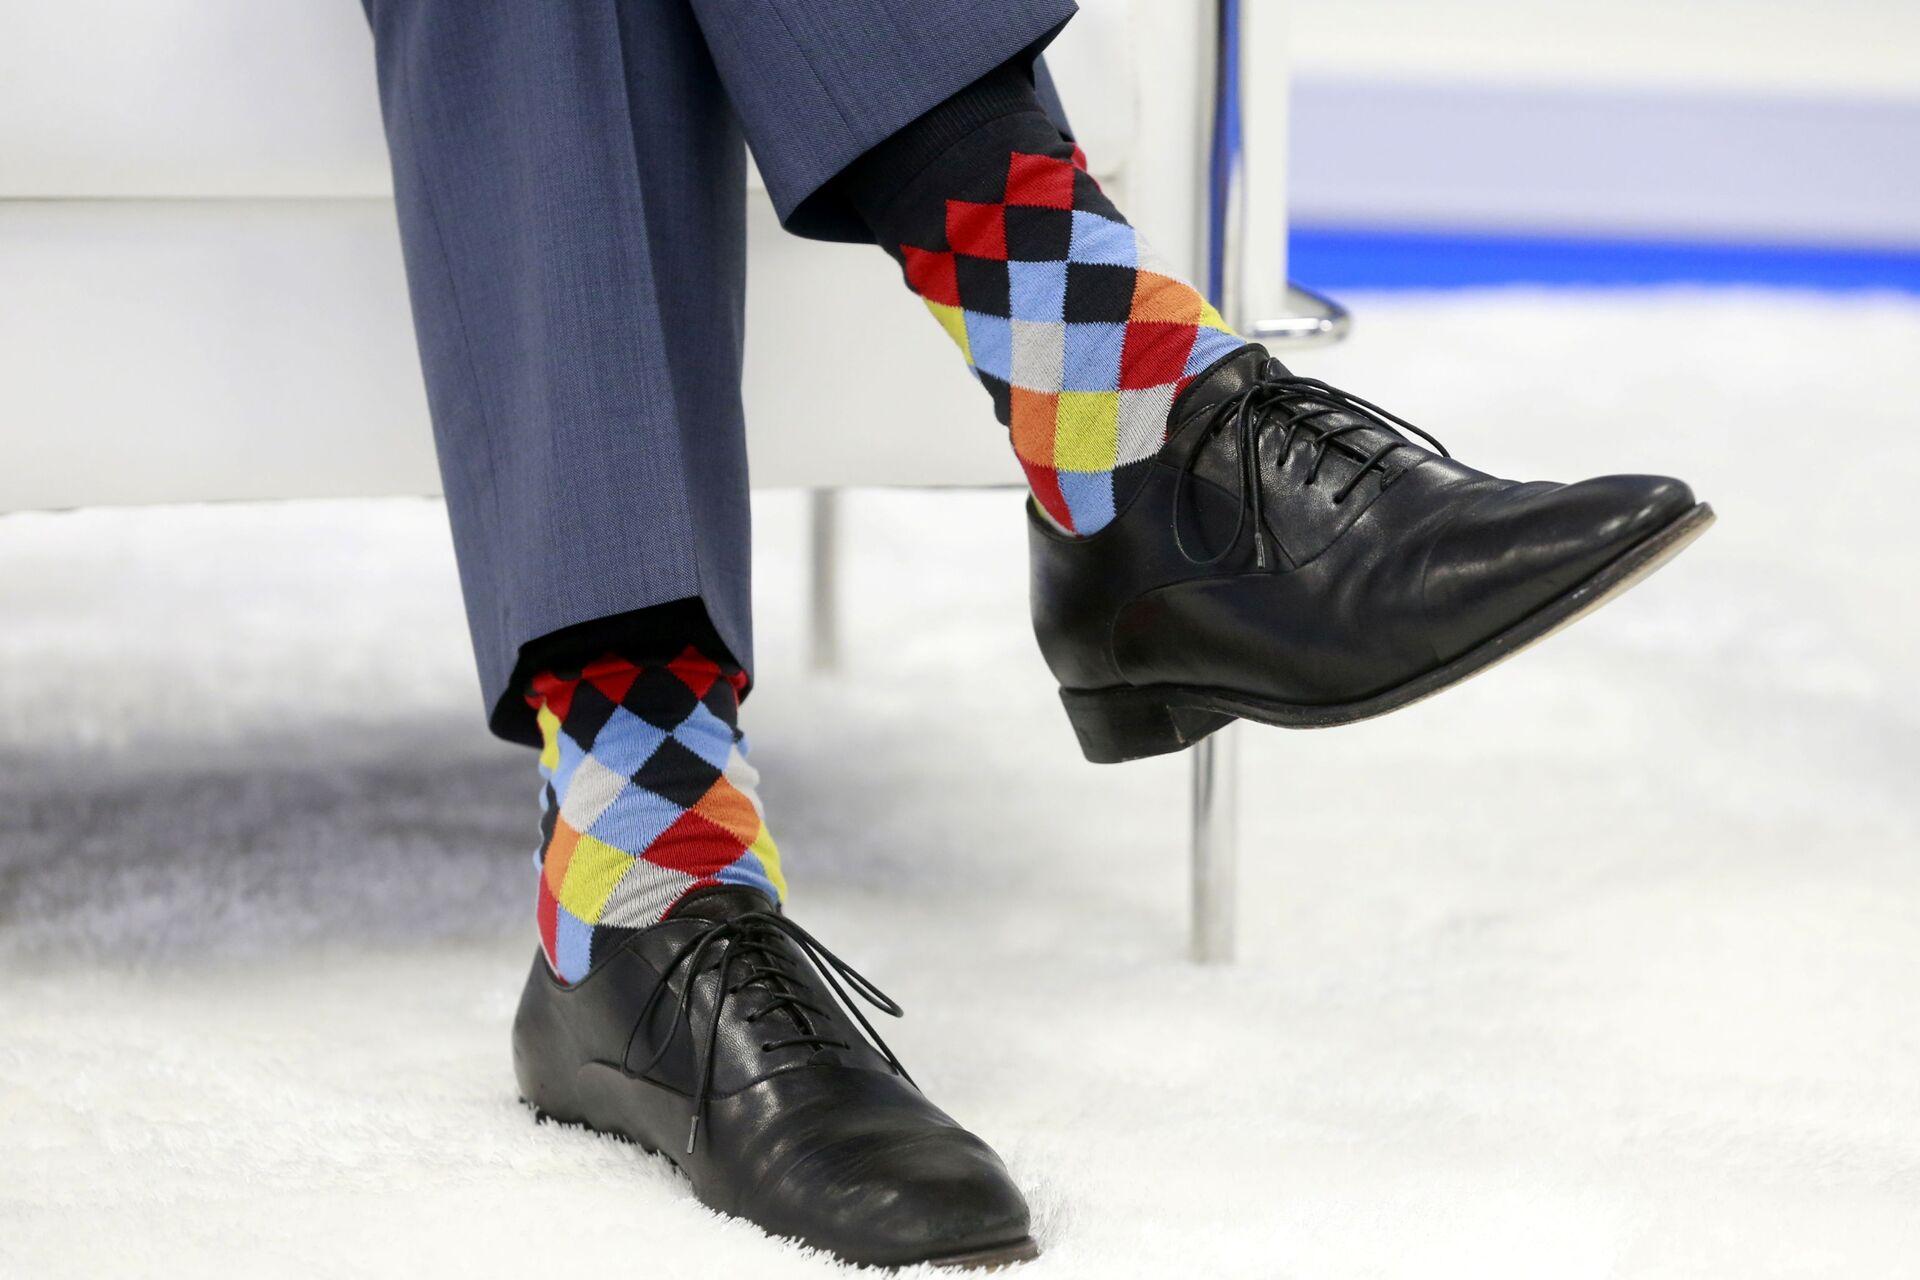 Kanada Başbakanı Justin Trudeau yine çorapları ile gündem olmayı başardı. Trudeau'nun çorapları daha öncede birçok kez haberlere konu olmuştu.  - Sputnik Türkiye, 1920, 10.08.2021